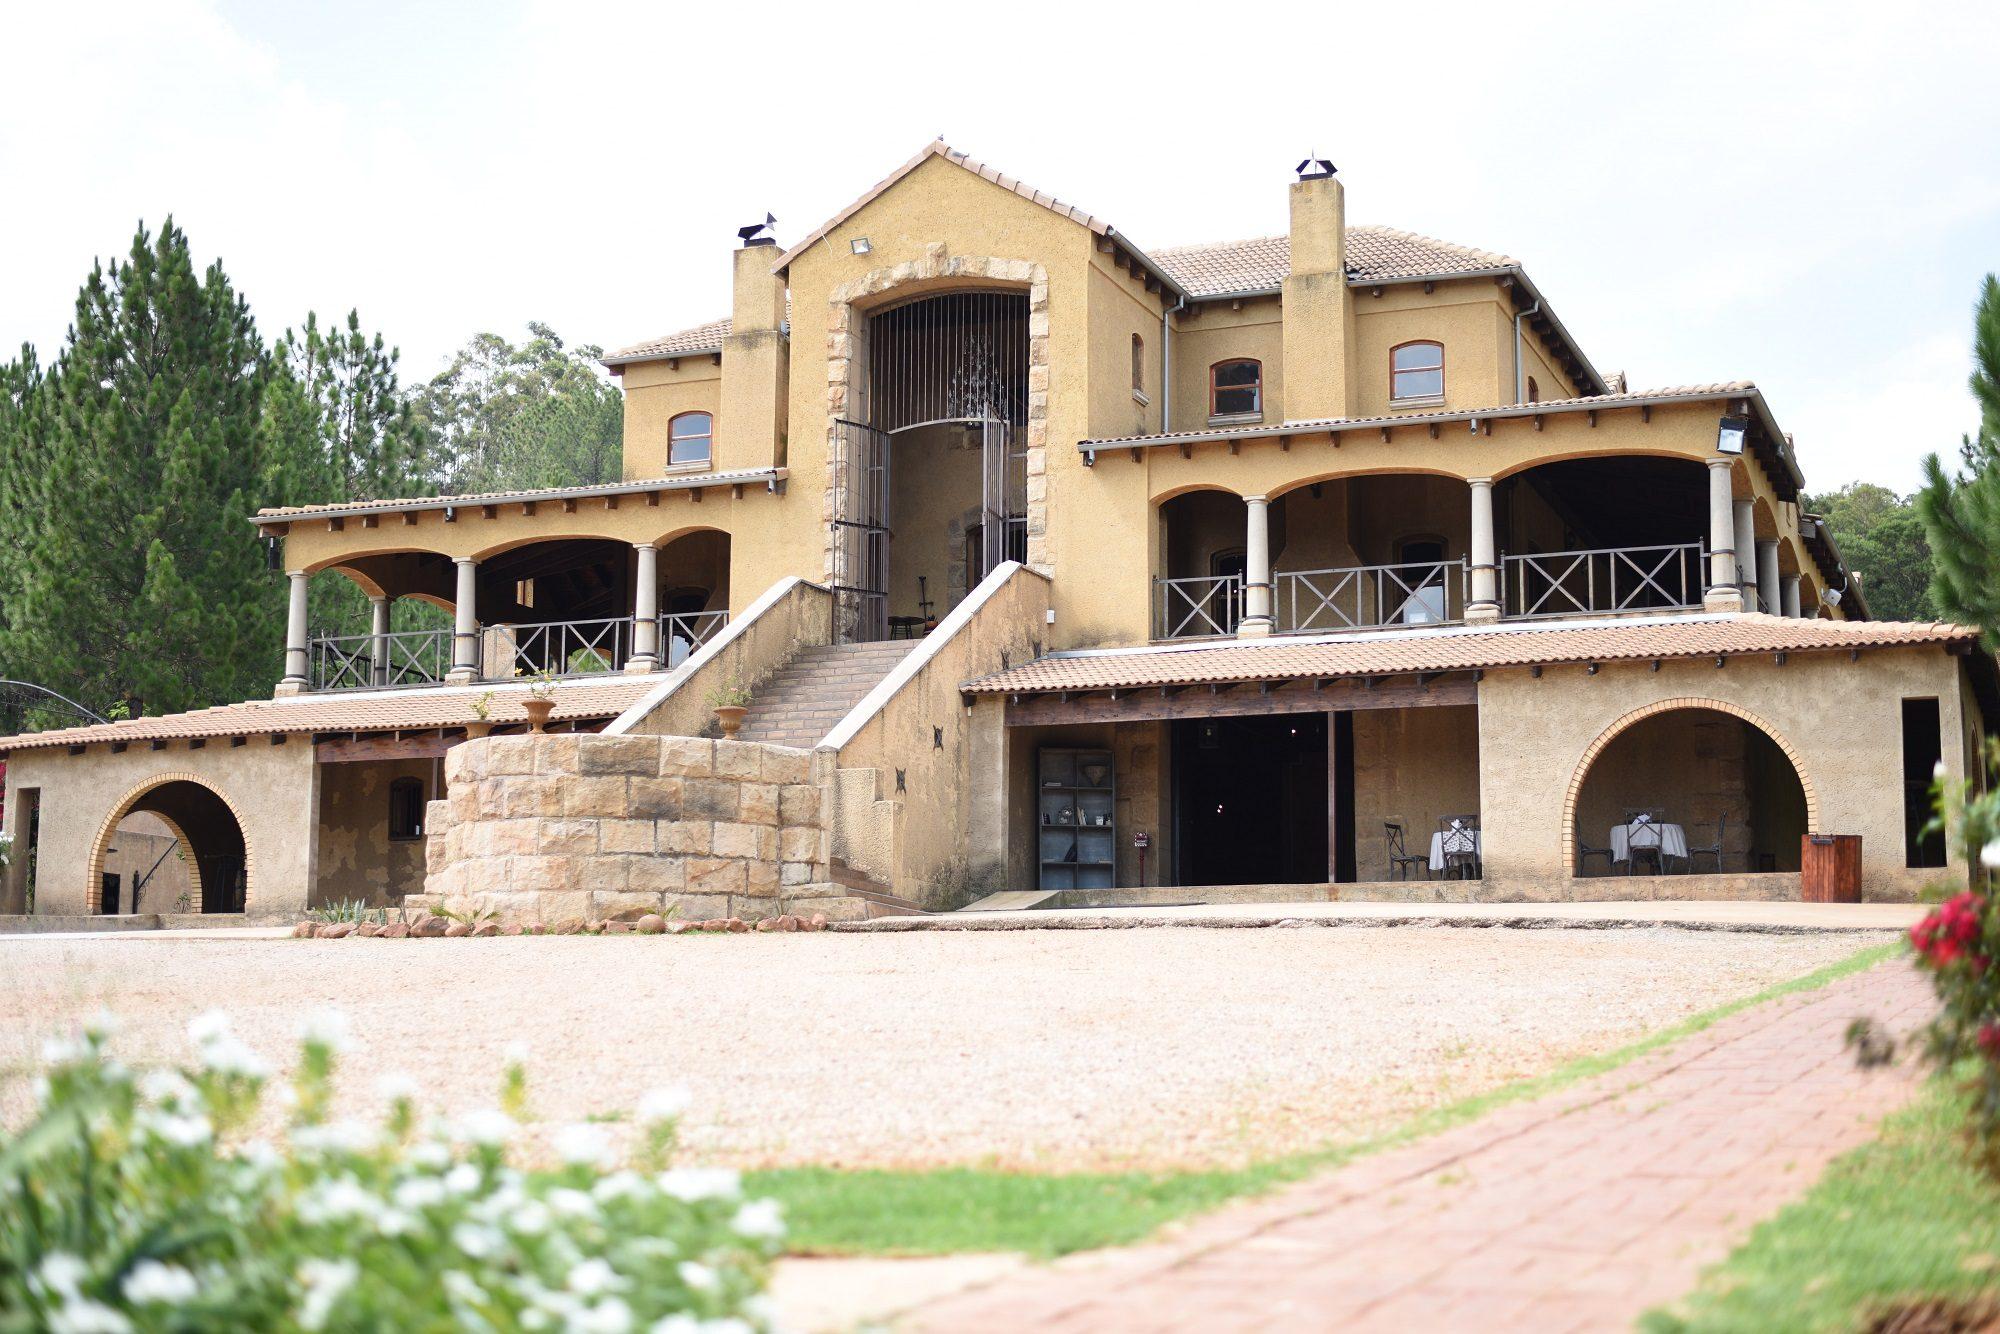 Monte De Dios, accommodation, Pretoria, conferencing, equestrian wedding venue